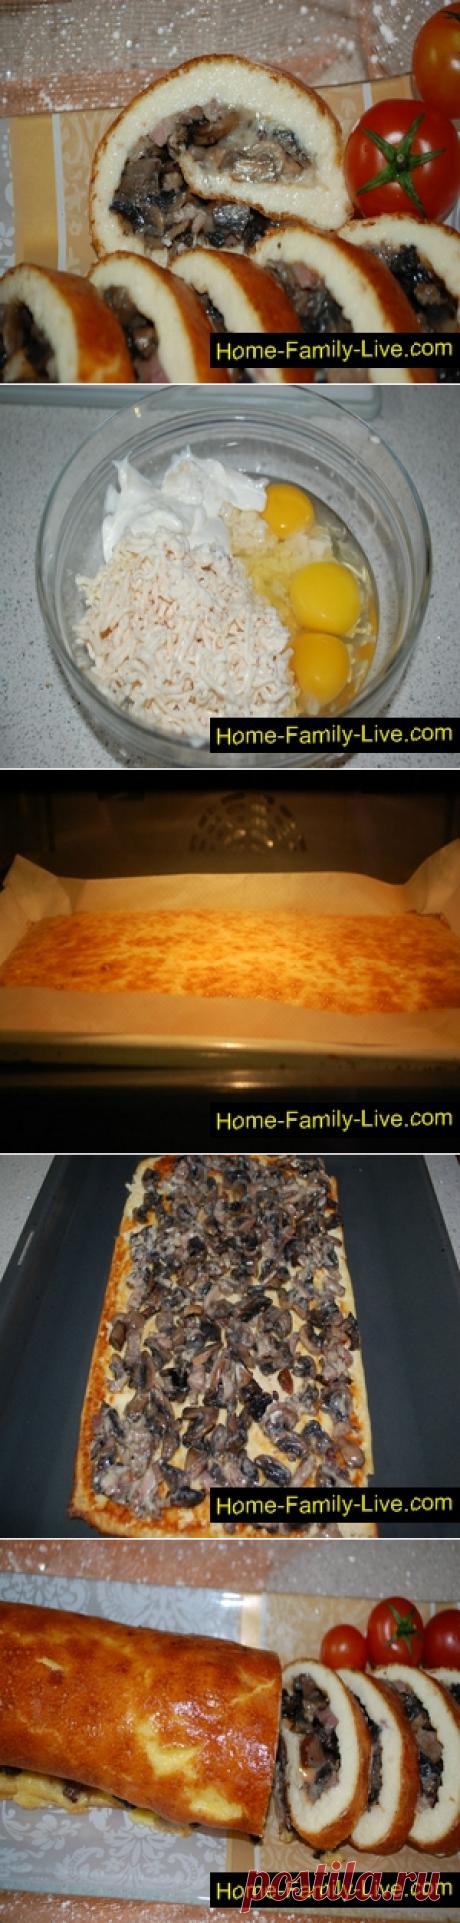 Рулет закусочный/Сайт с пошаговыми рецептами с фото для тех кто любит готовить